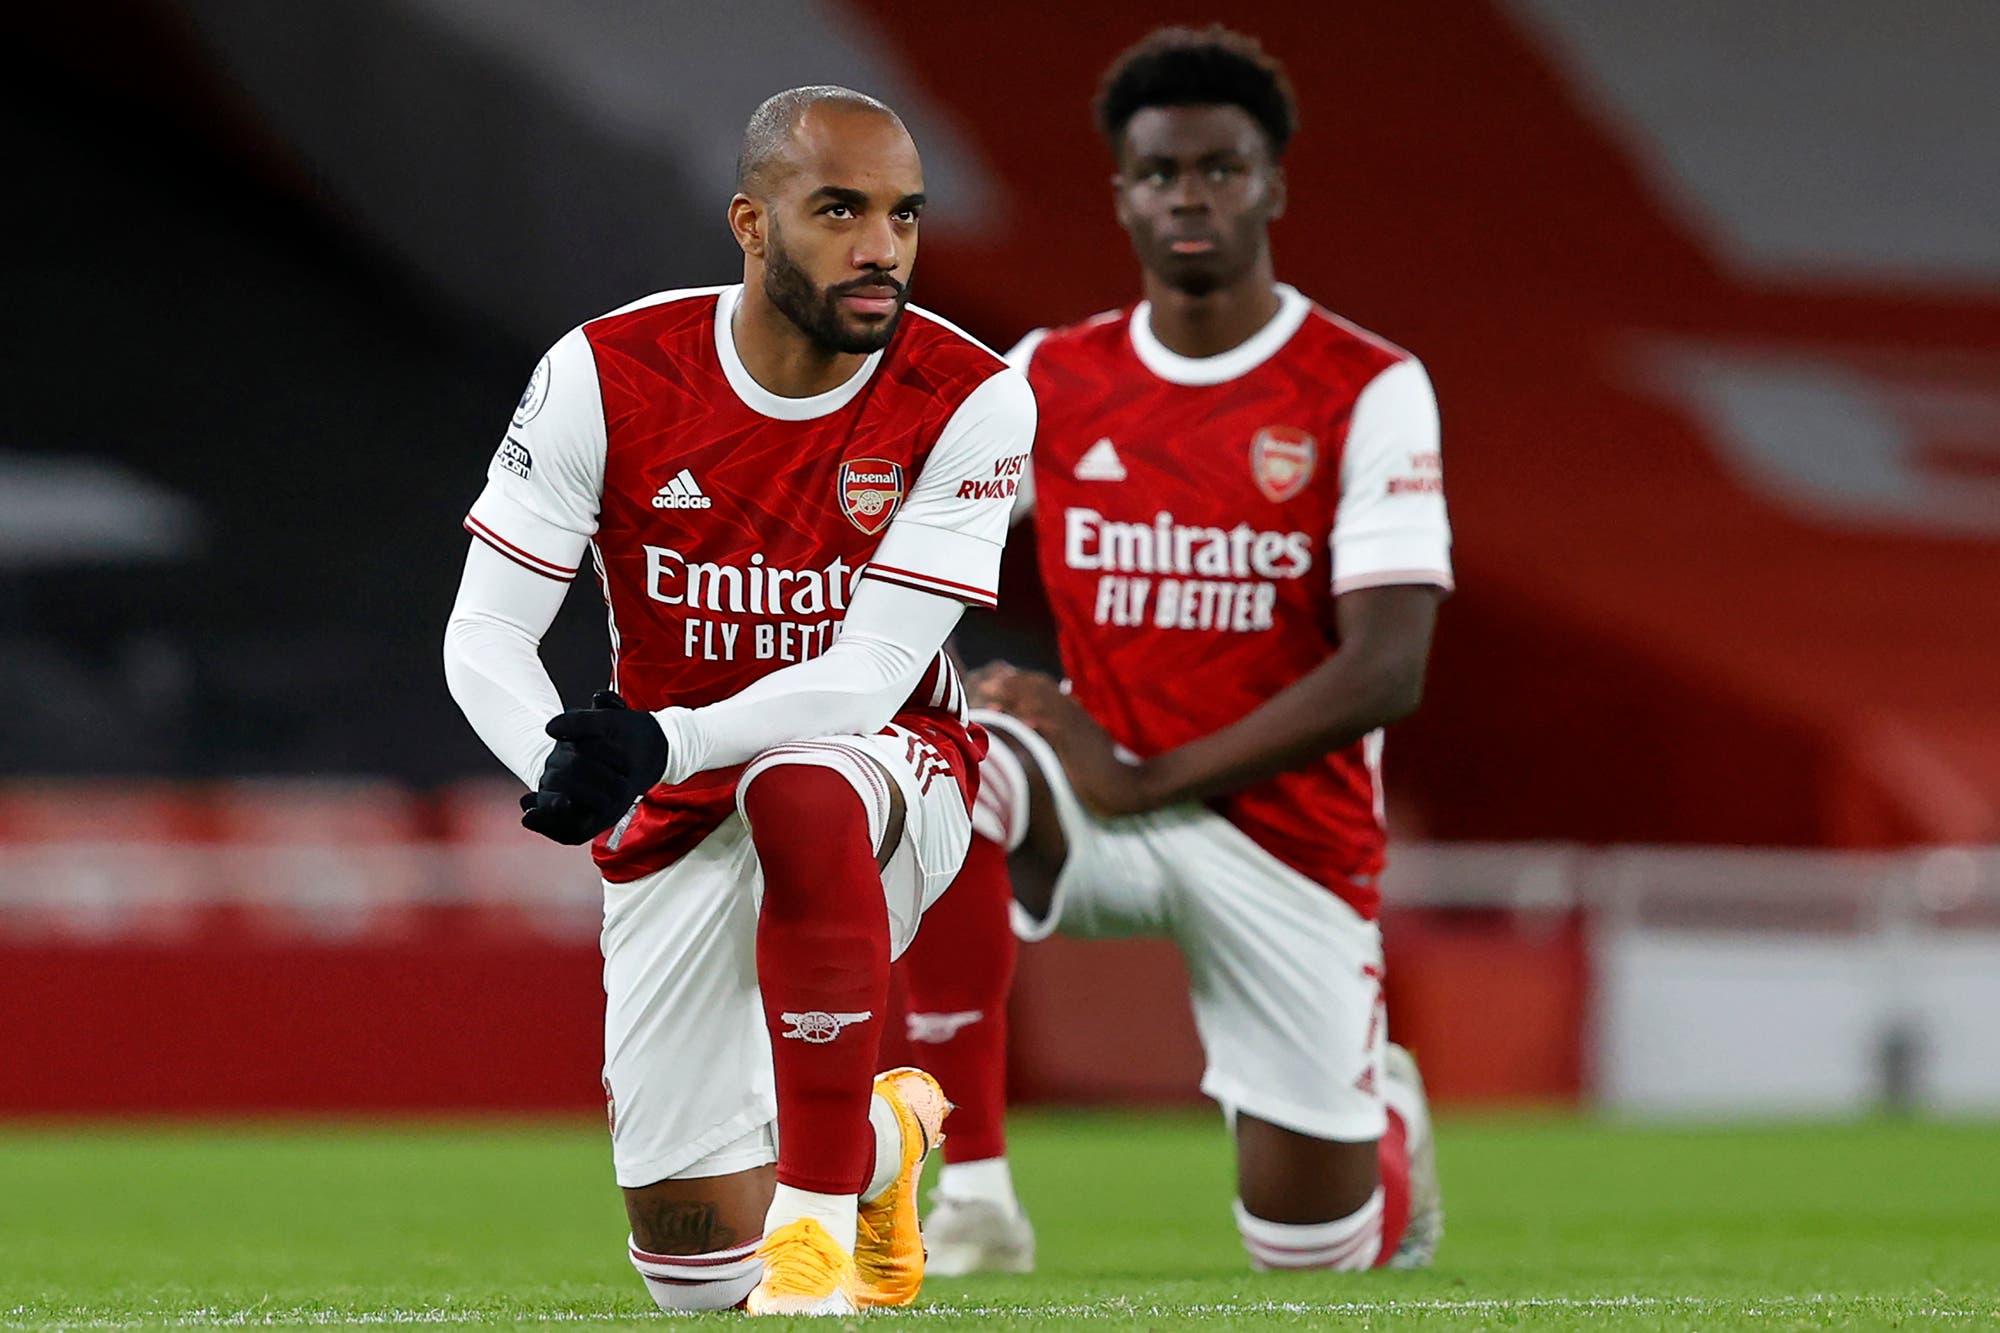 Premier League. Arsenal es el rey del Boxing Day: no falla el día después de Navidad